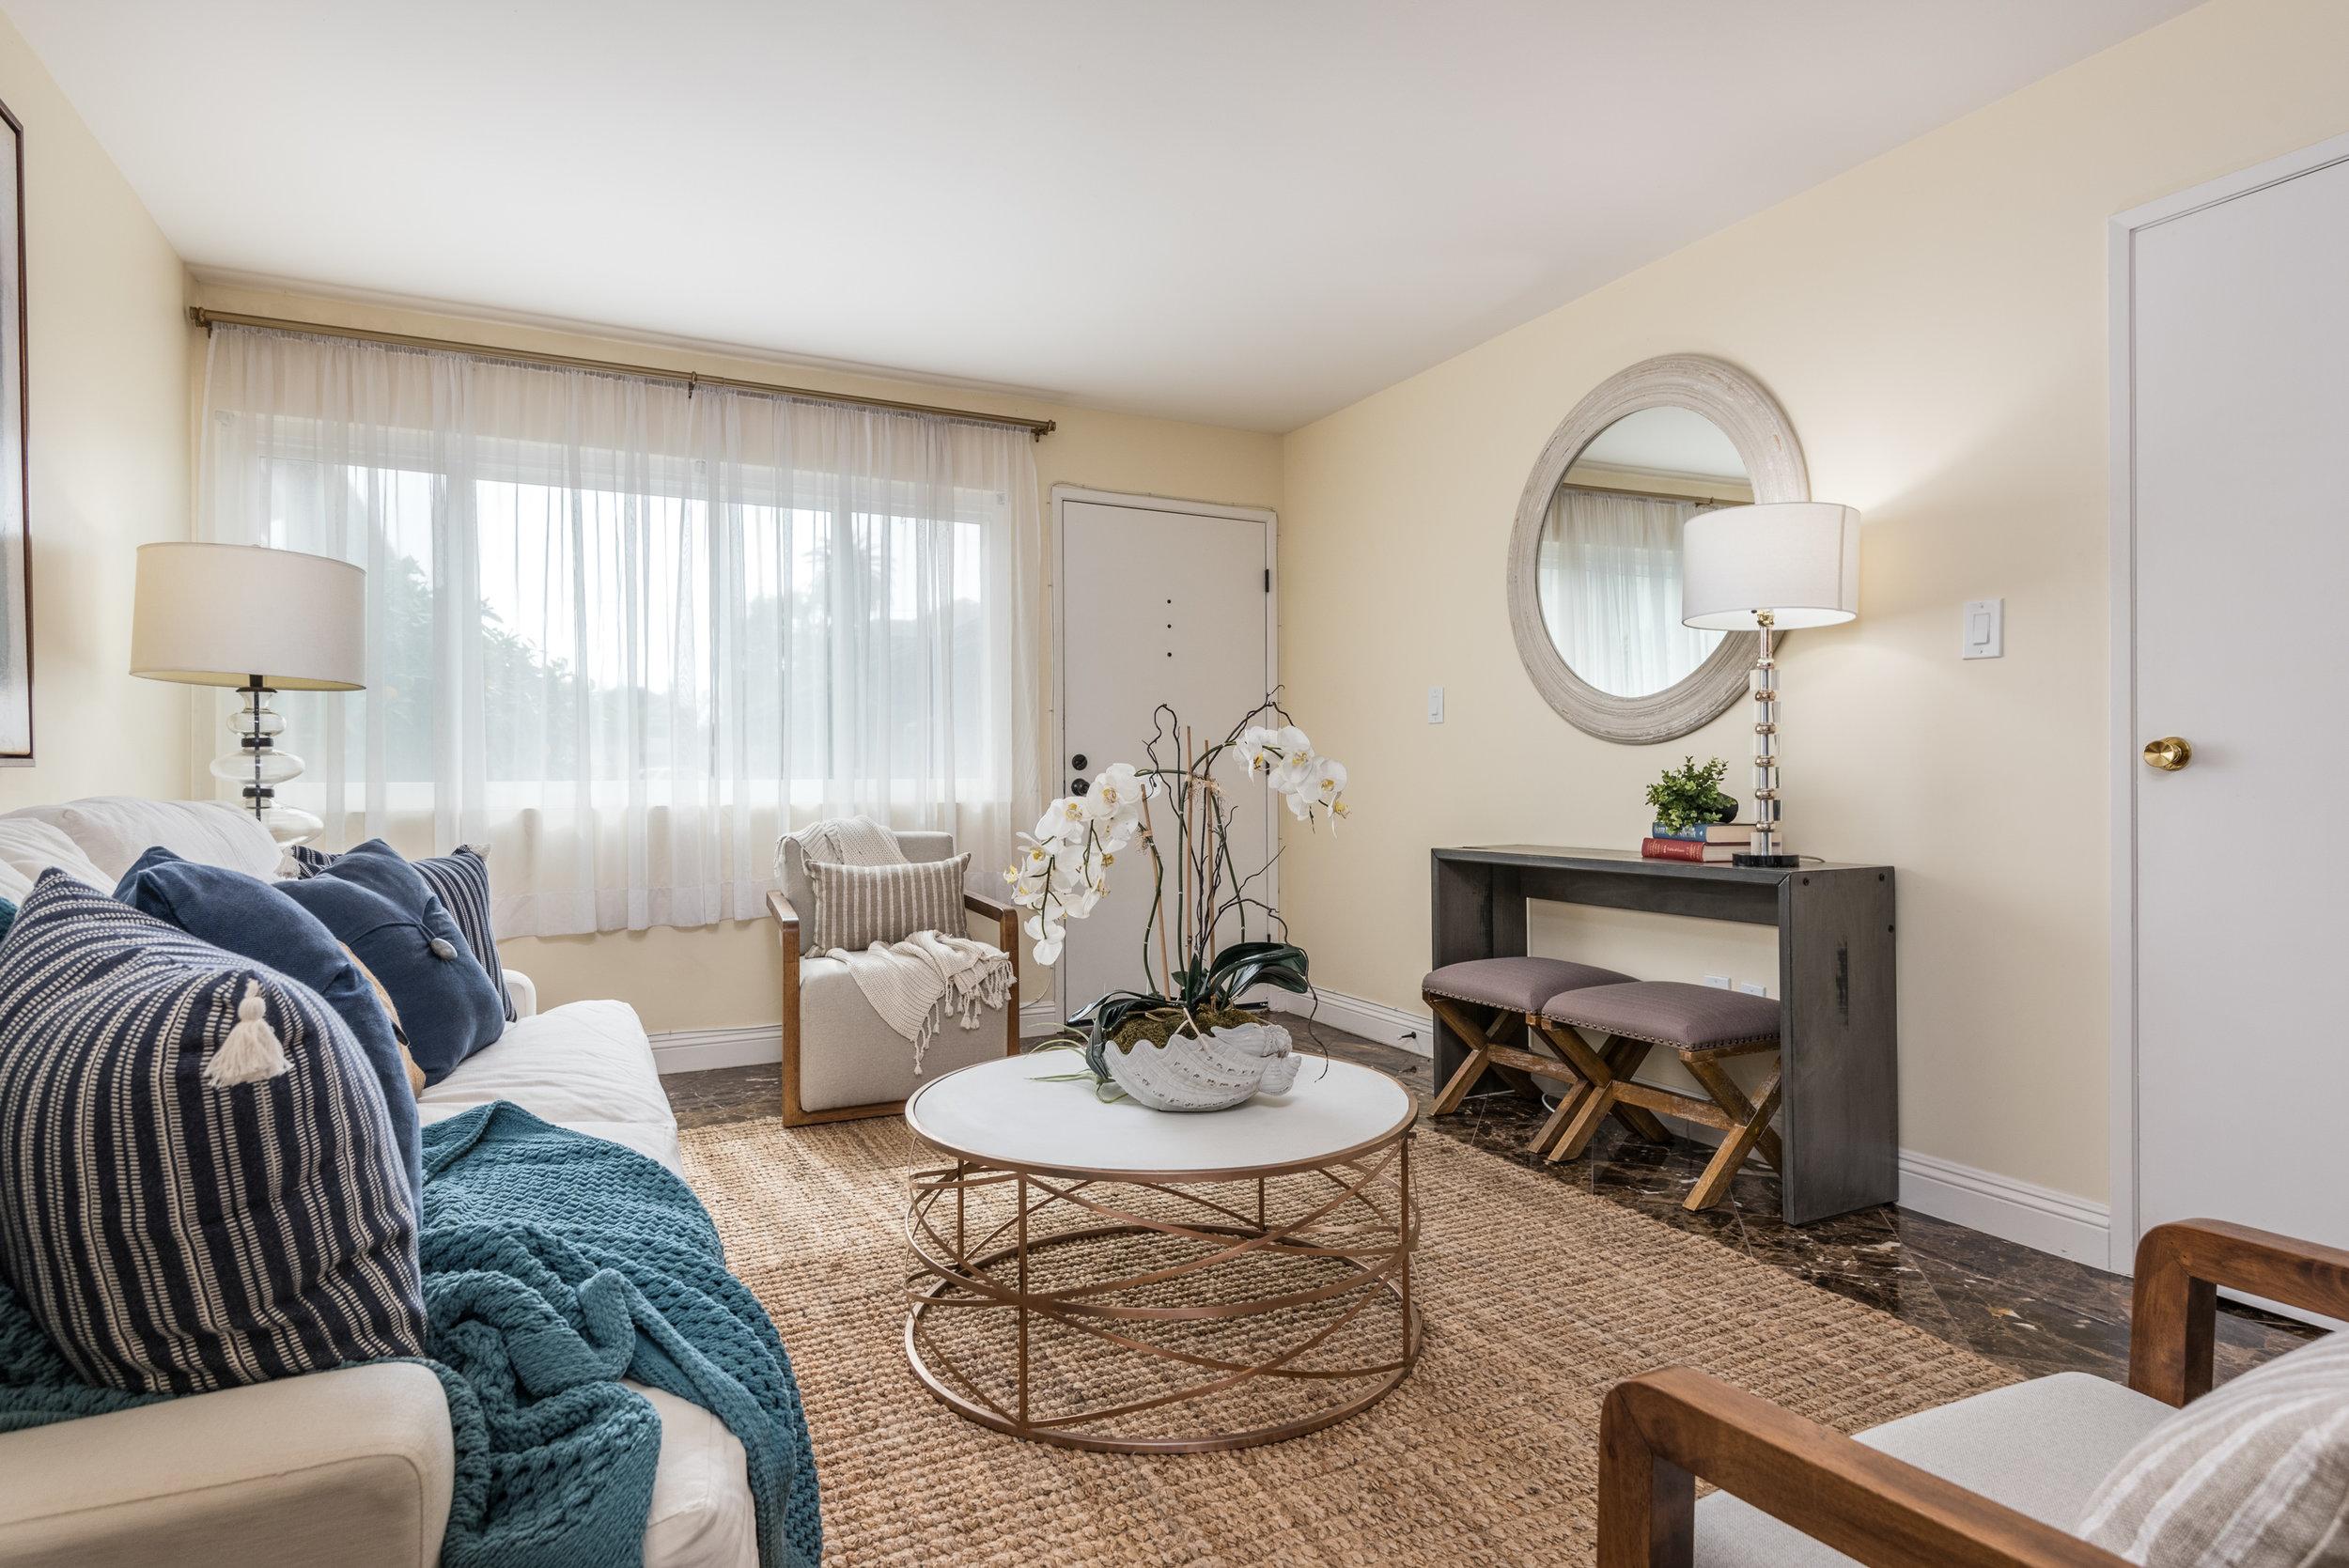 003_03-Living Room.jpg